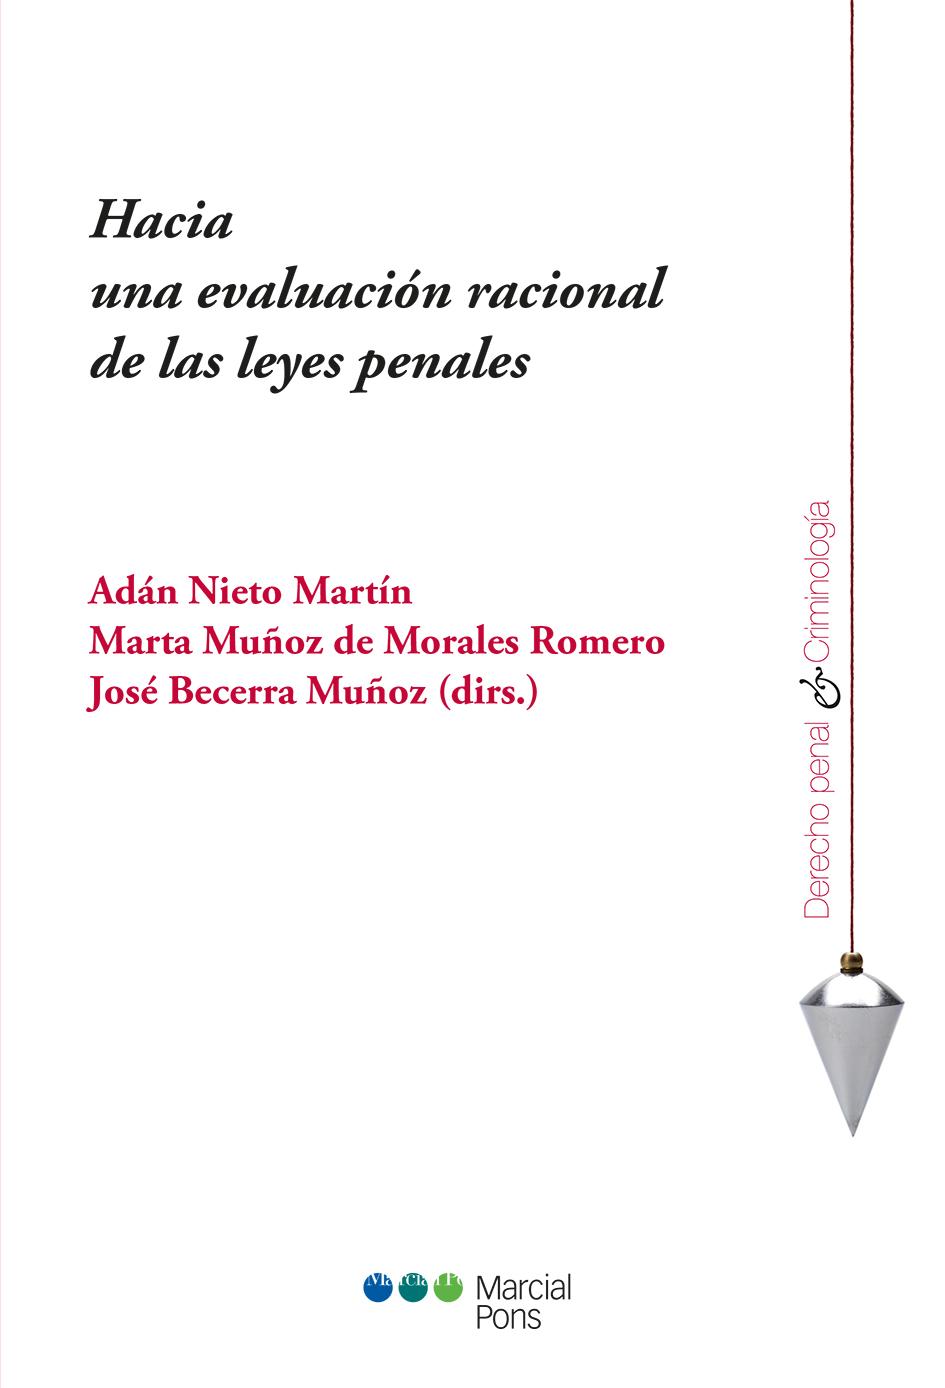 Portada del libro Hacia una evaluación racional de las leyes penales